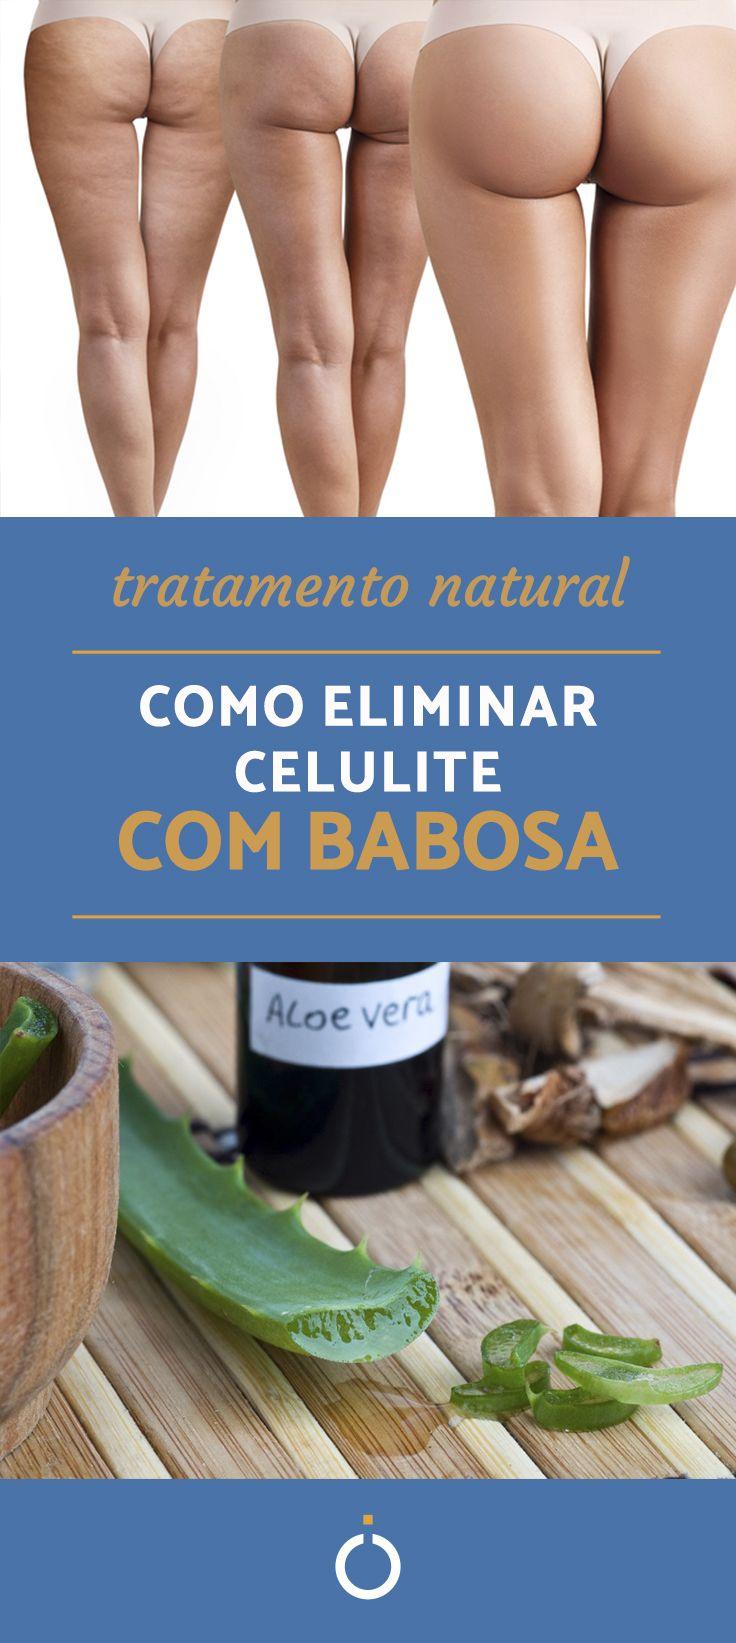 Uma opção natural e eficaz para acabar com a pele casca de laranja! Confira esse tratamento caseiro para acabar com celulite com babosa e descubra o poder da planta!  #celulite #beleza #remédionatural #tratamento #pele #pernas #glúteos